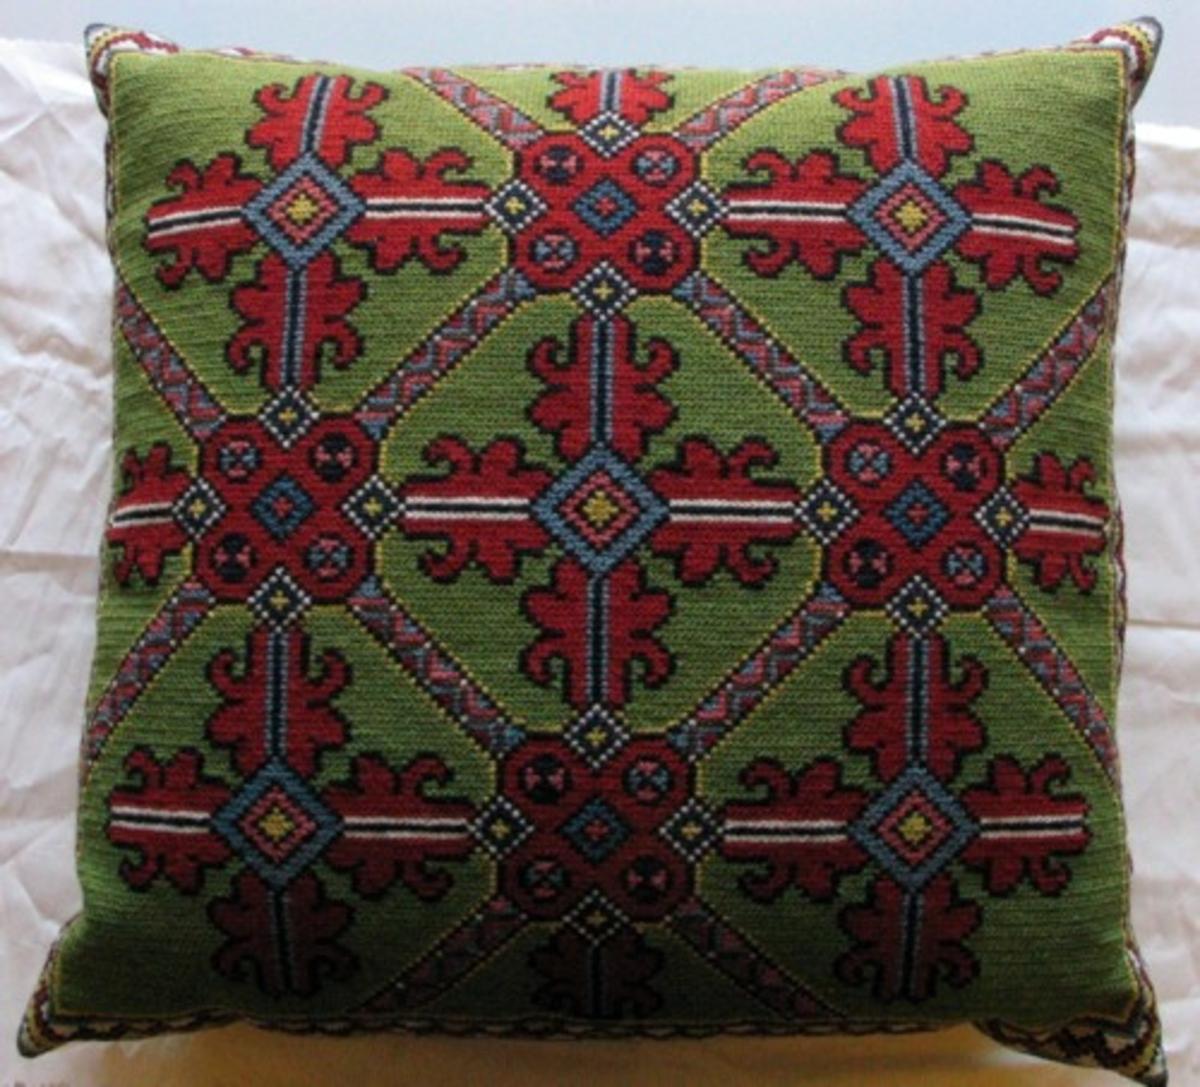 Stoppad braskudde. Broderad i tvistsöm. Klargrön botten med yttäckande broderi med mönster av röda akantusblad i ett diagonalställt rutmönster. Bård i zick-zack mönster.